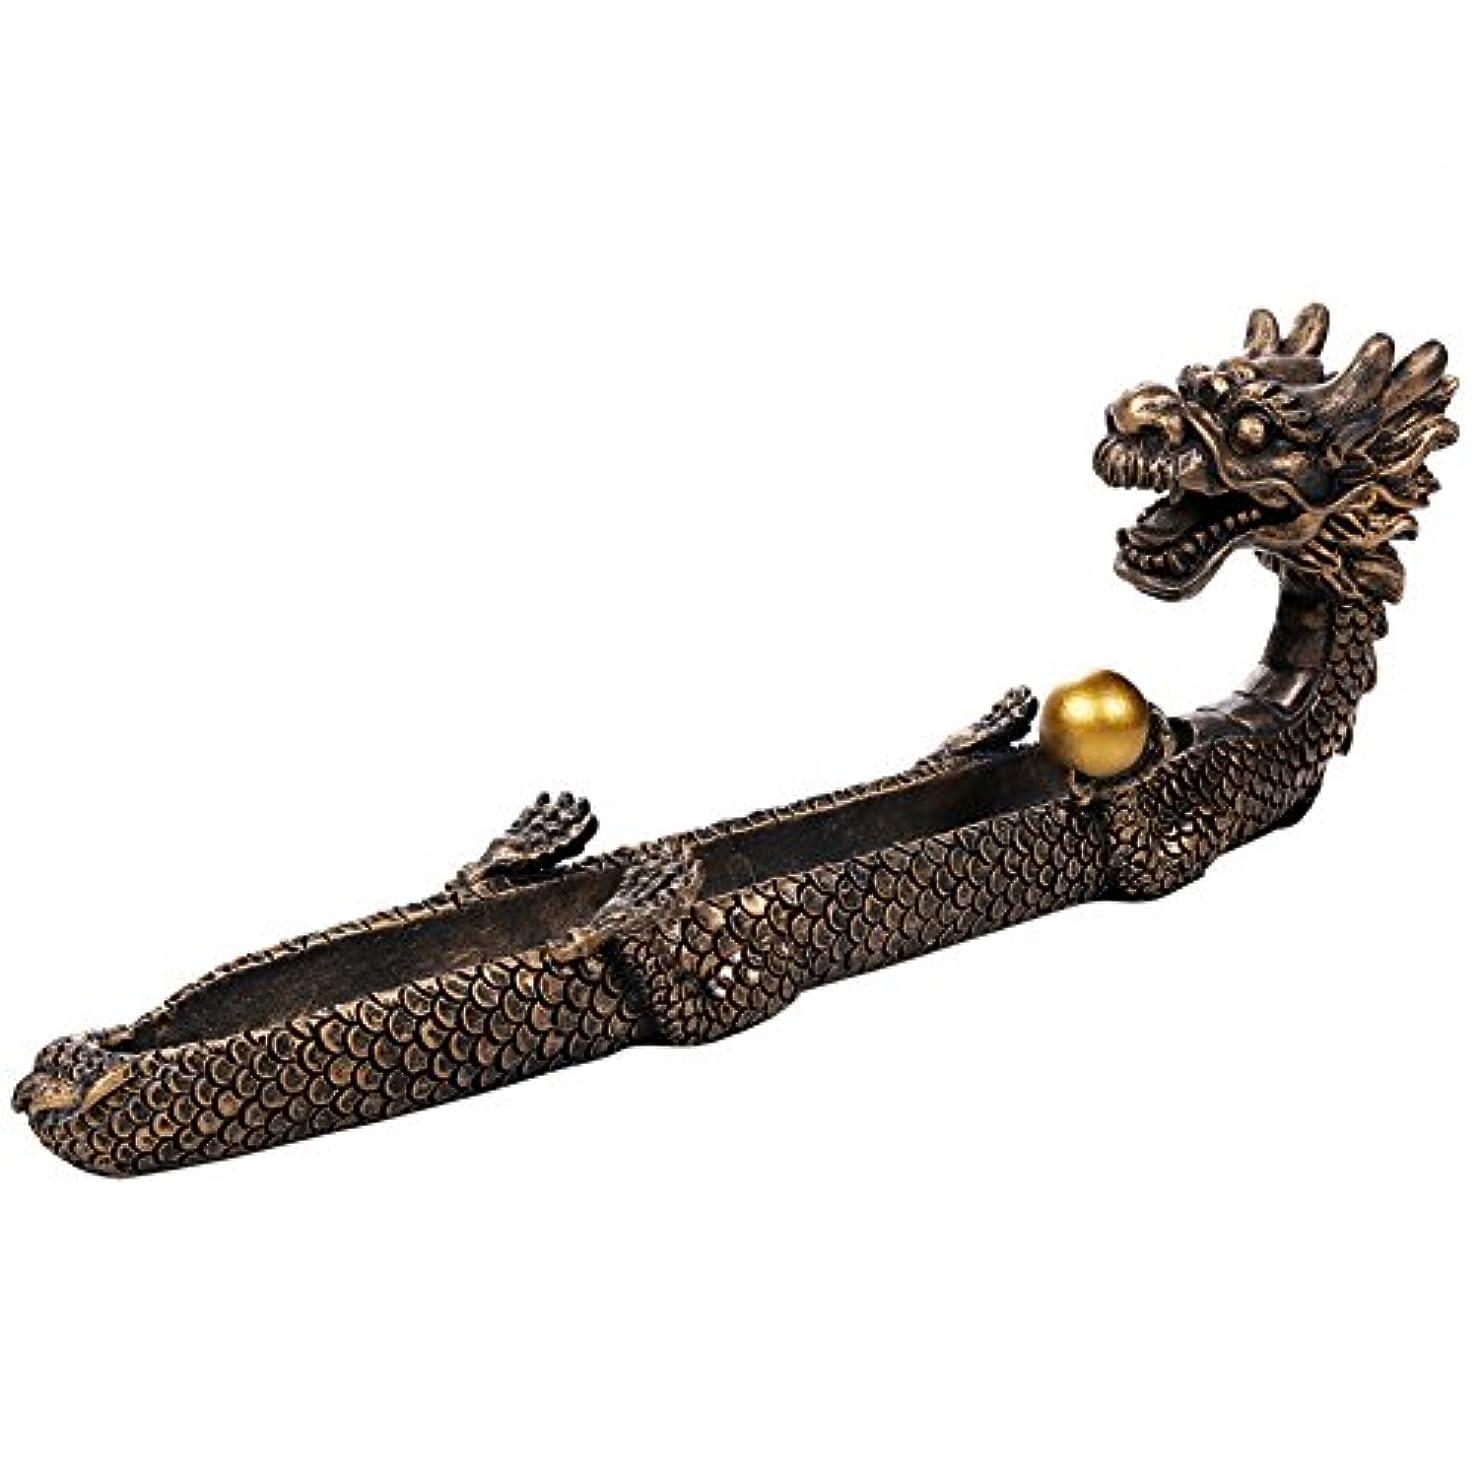 ハイキングに行く逃れる落とし穴Feng Shui Dragon Holding Orb Cast Bronze Stick Incense Burnerホルダー10.25インチL